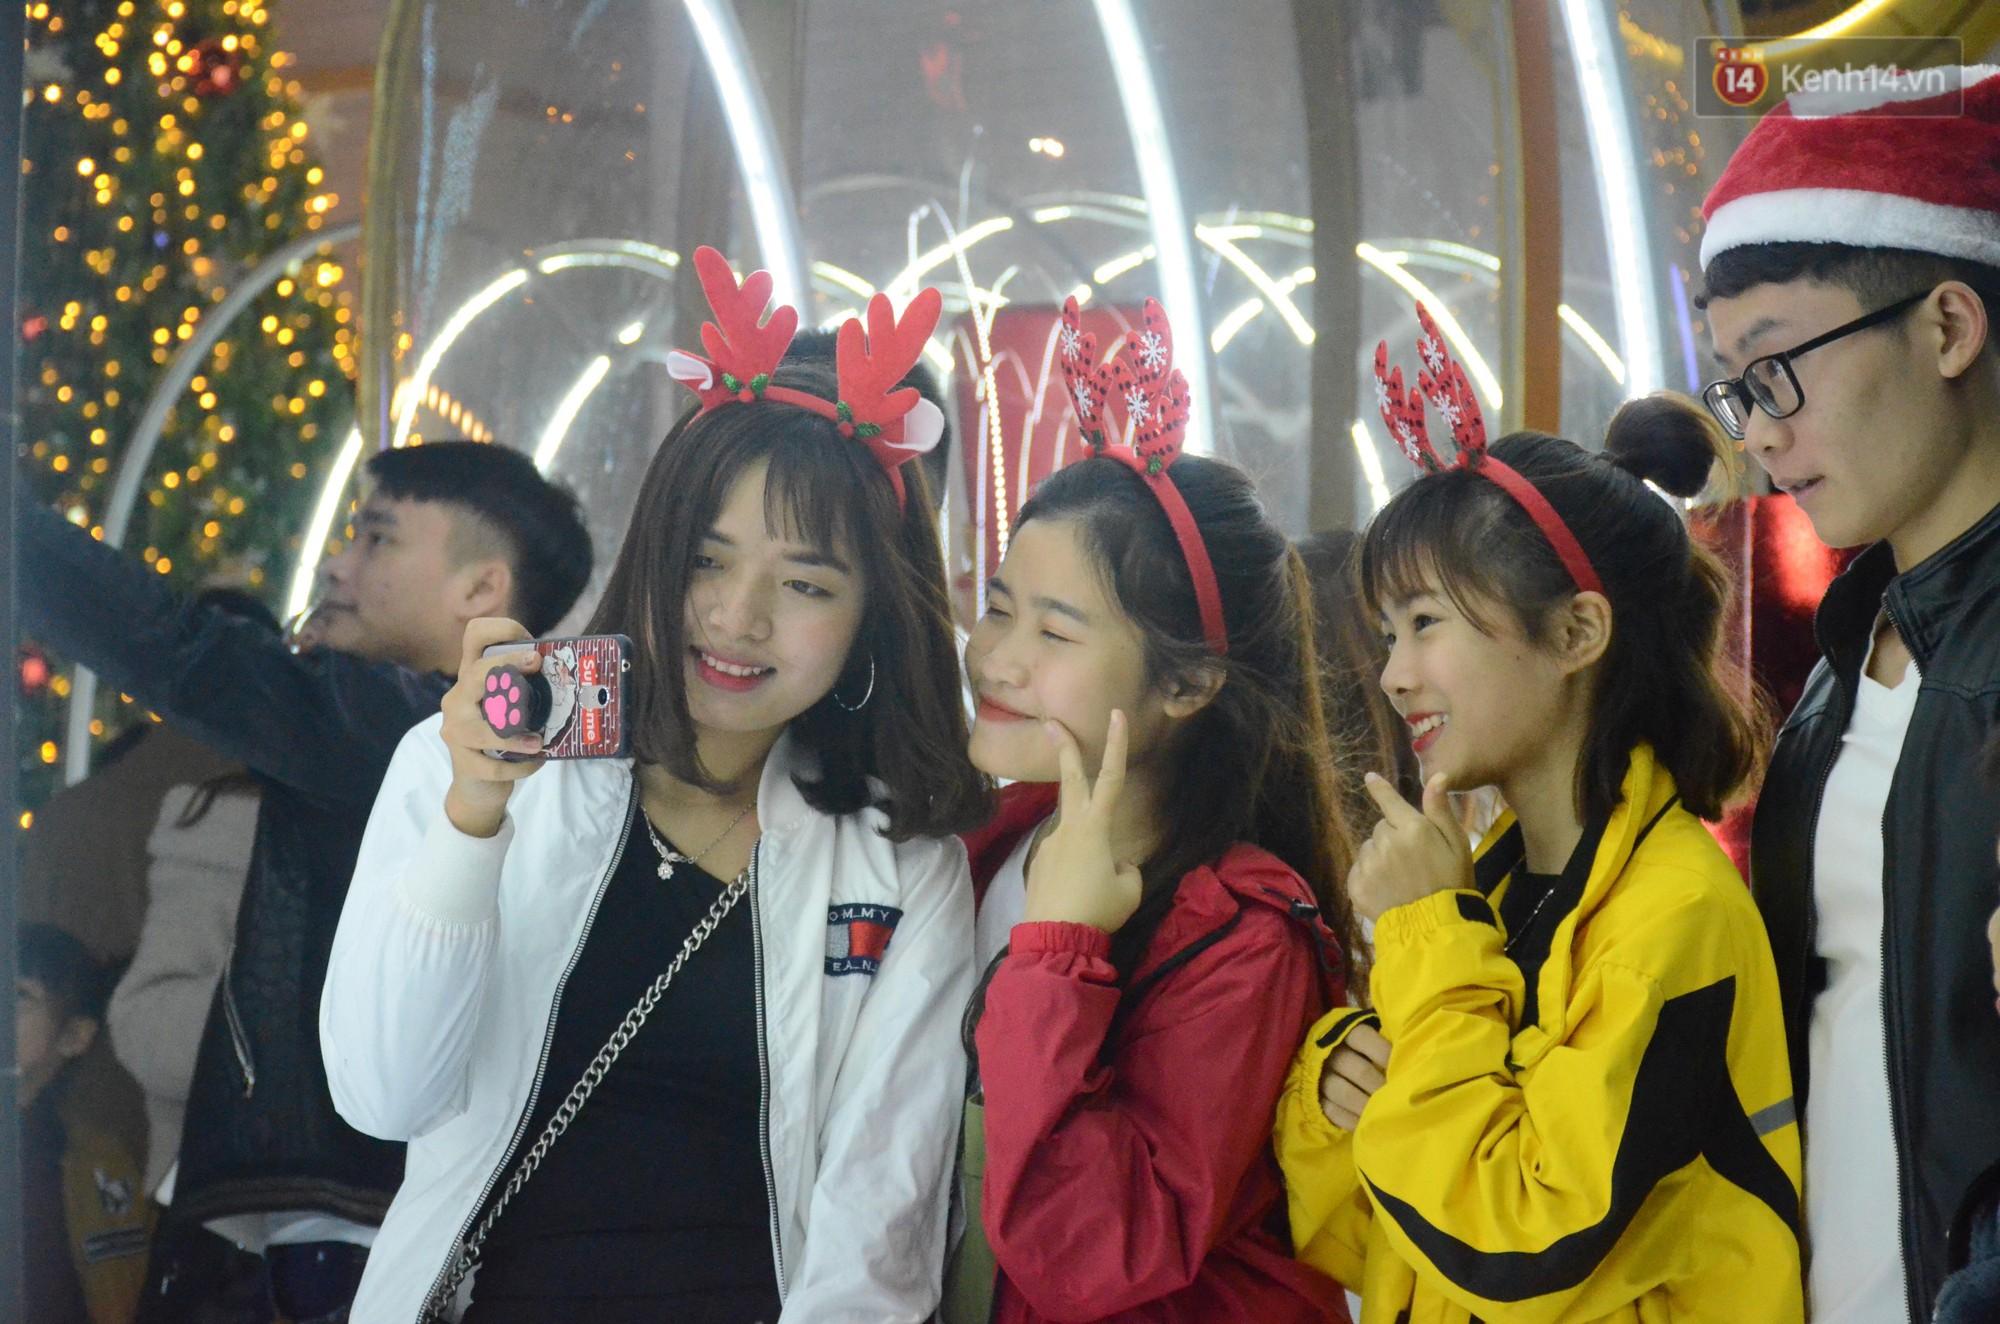 Người dân Hà Nội, Sài Gòn và Đà Nẵng nô nức xuống đường, khắp phố phường khoác lên mình tấm áo Giáng sinh đầy màu sắc - Ảnh 4.